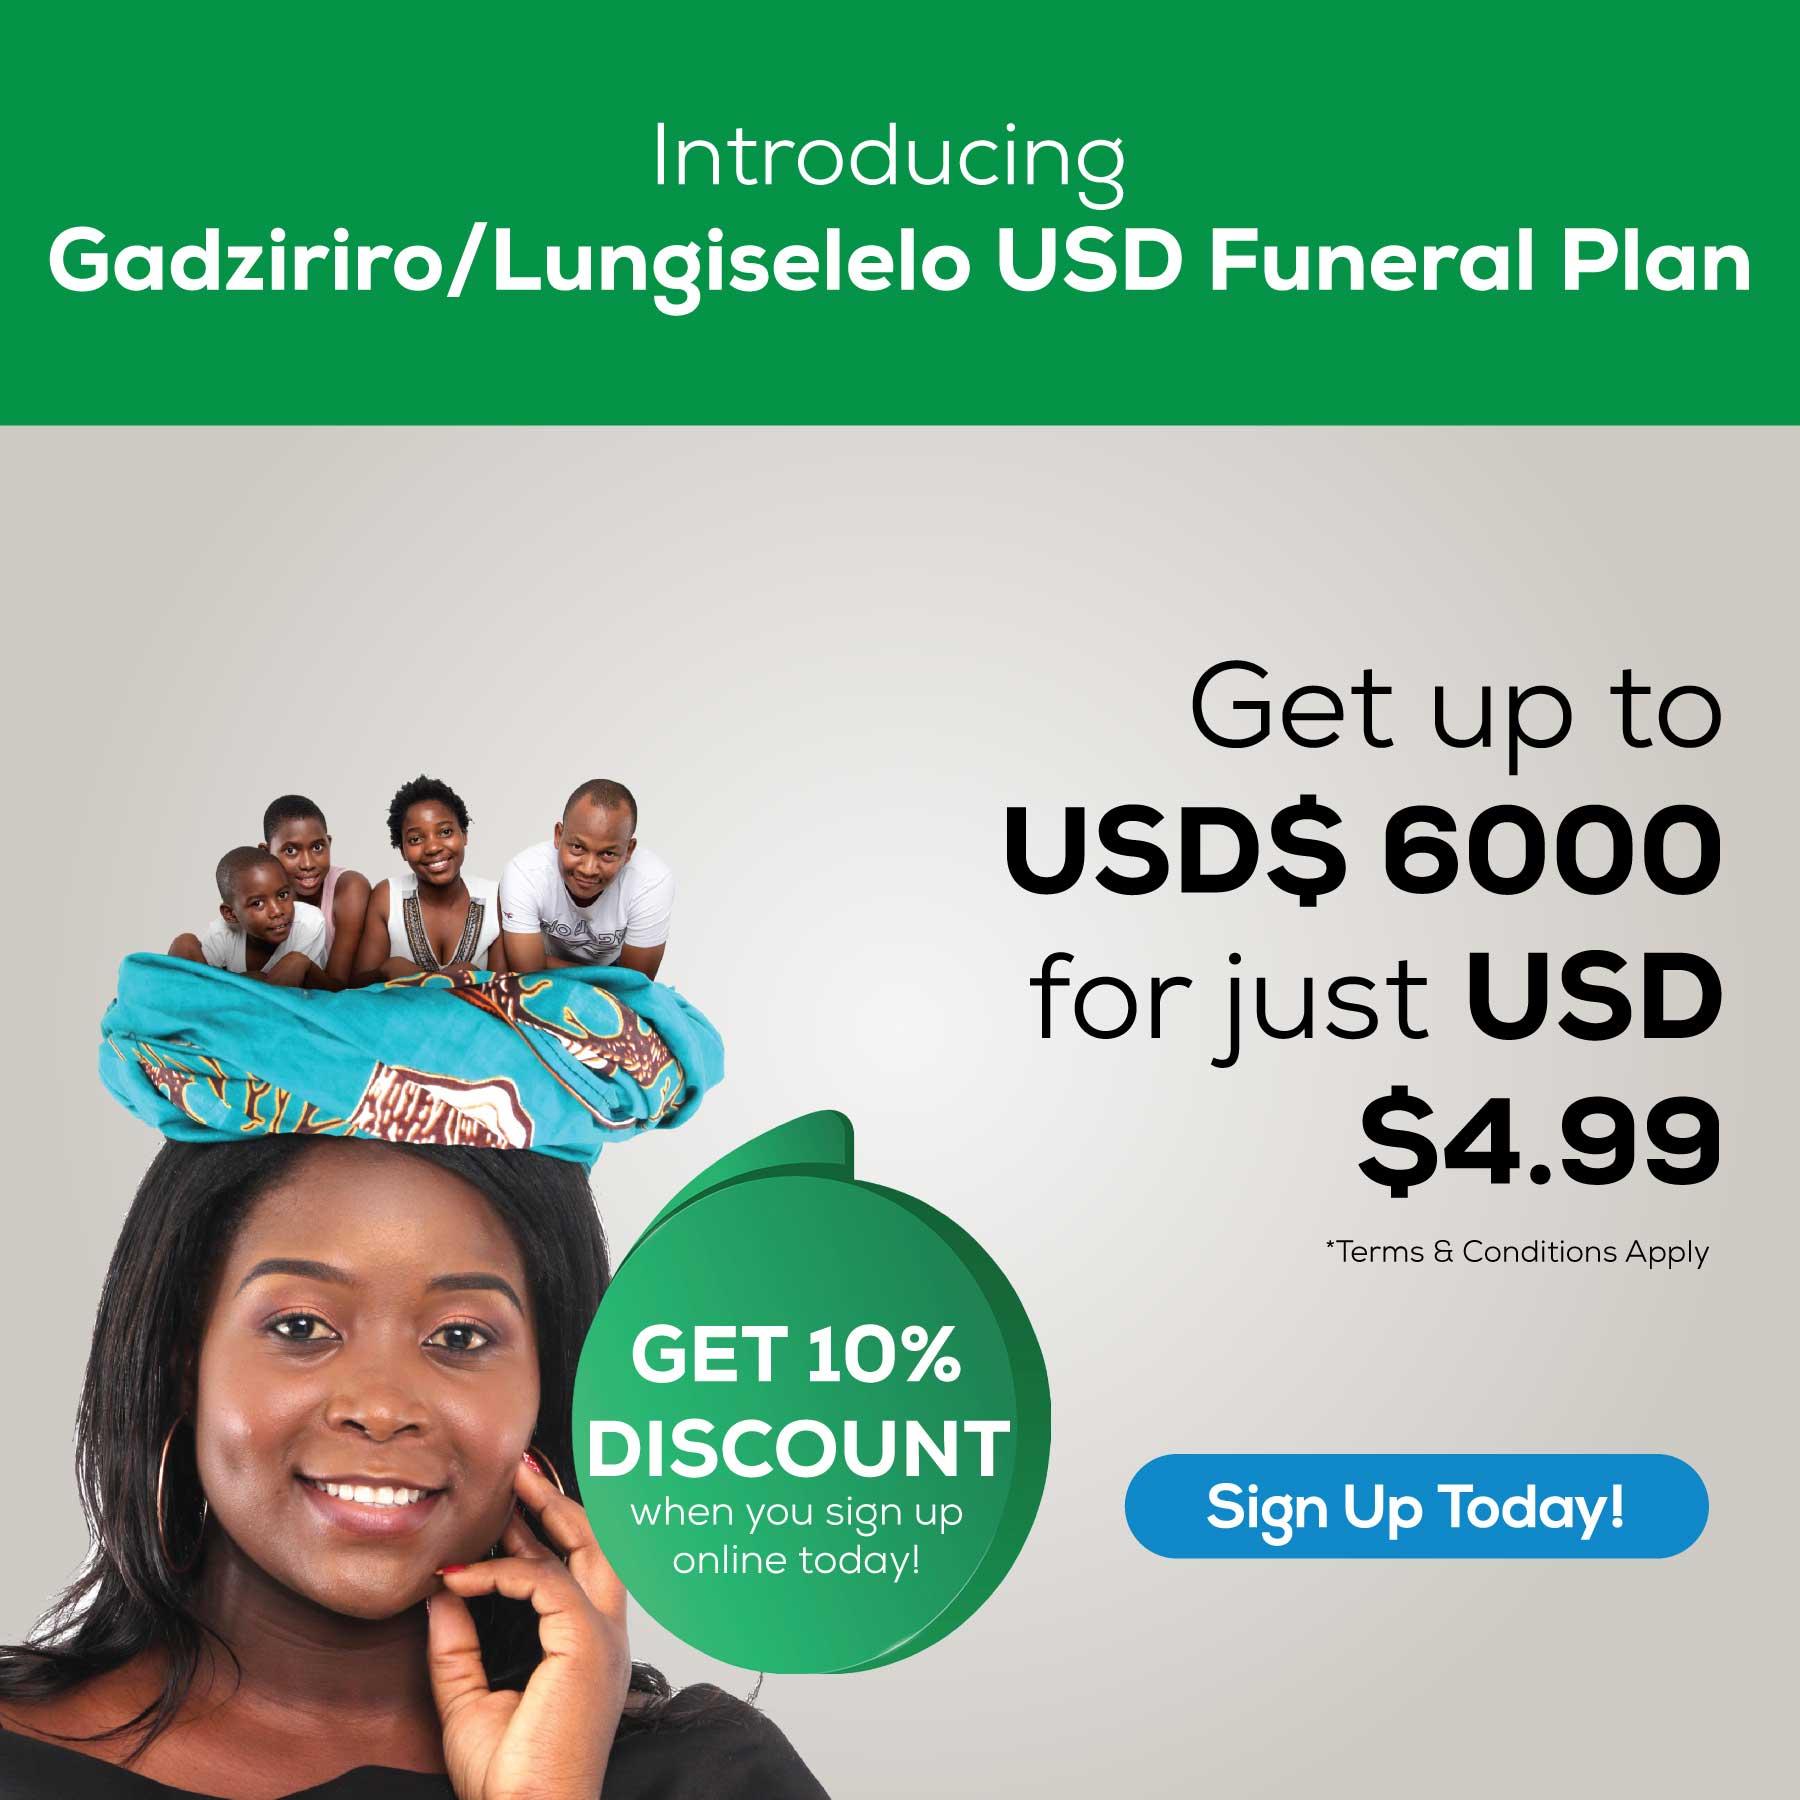 Gadziriro USD Funeral Plan